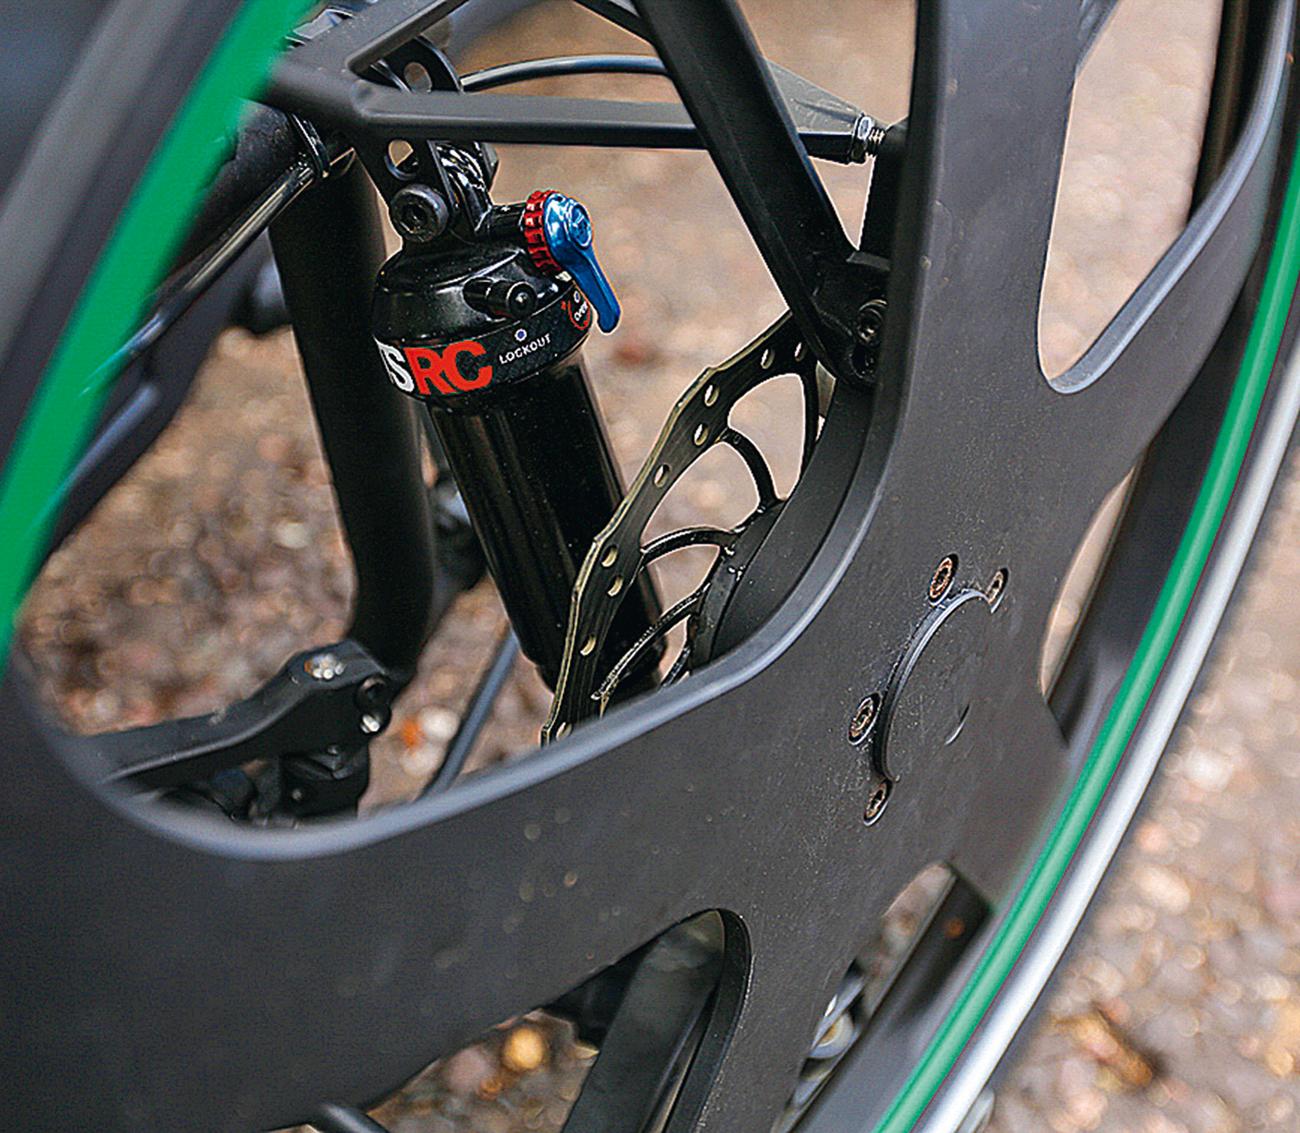 O quadriciclo é equipado com freios a disco